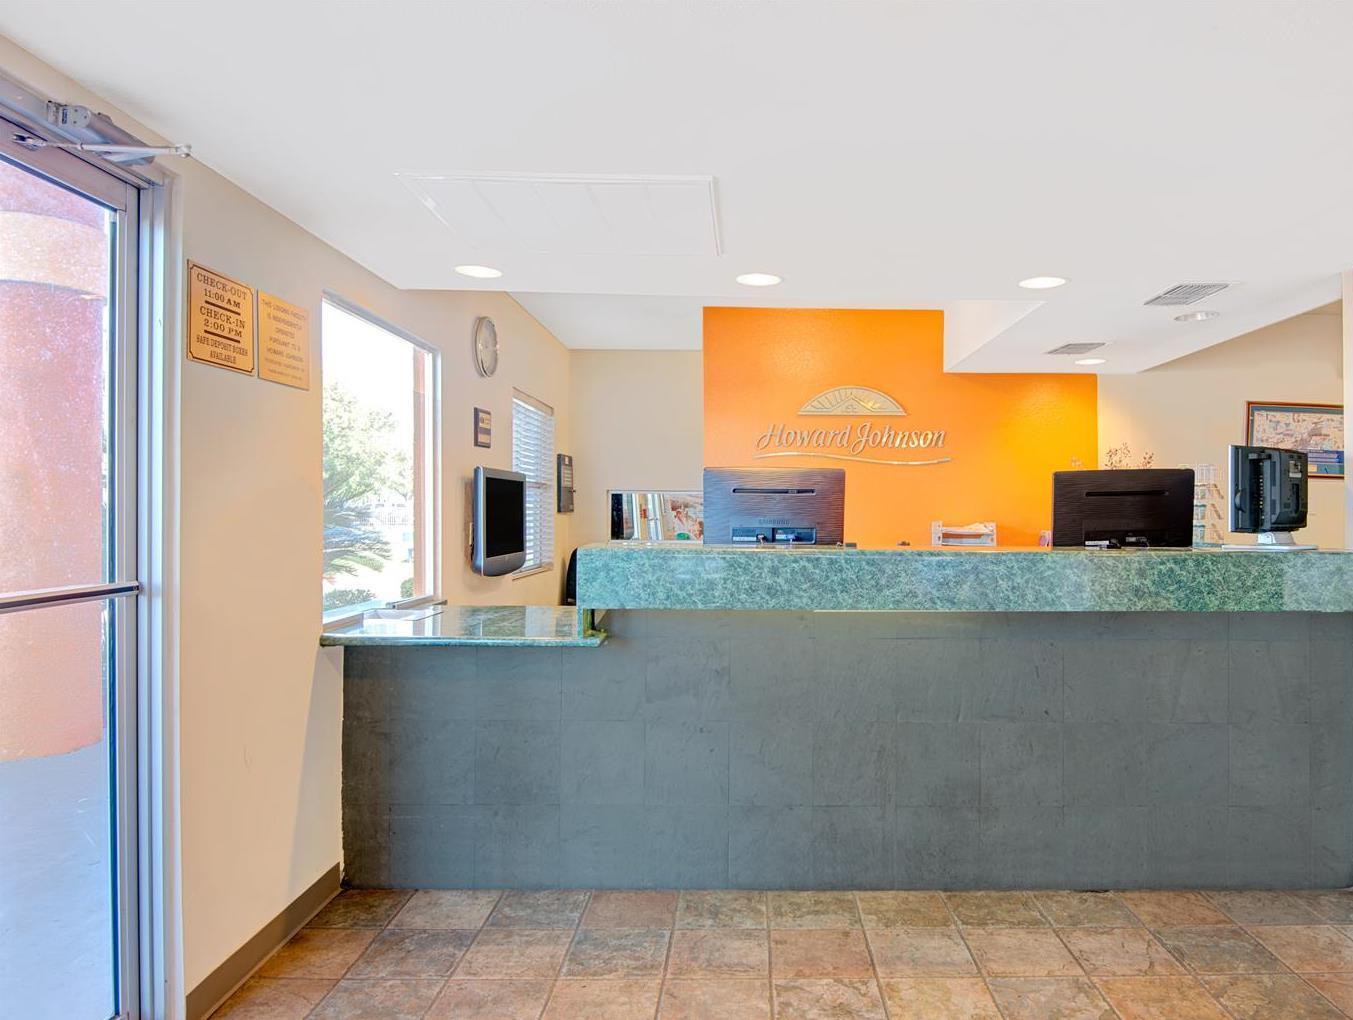 Red Roof Inn U0026 Suites San Antonio U2013 Fiesta Park. See More Photos. Lobby